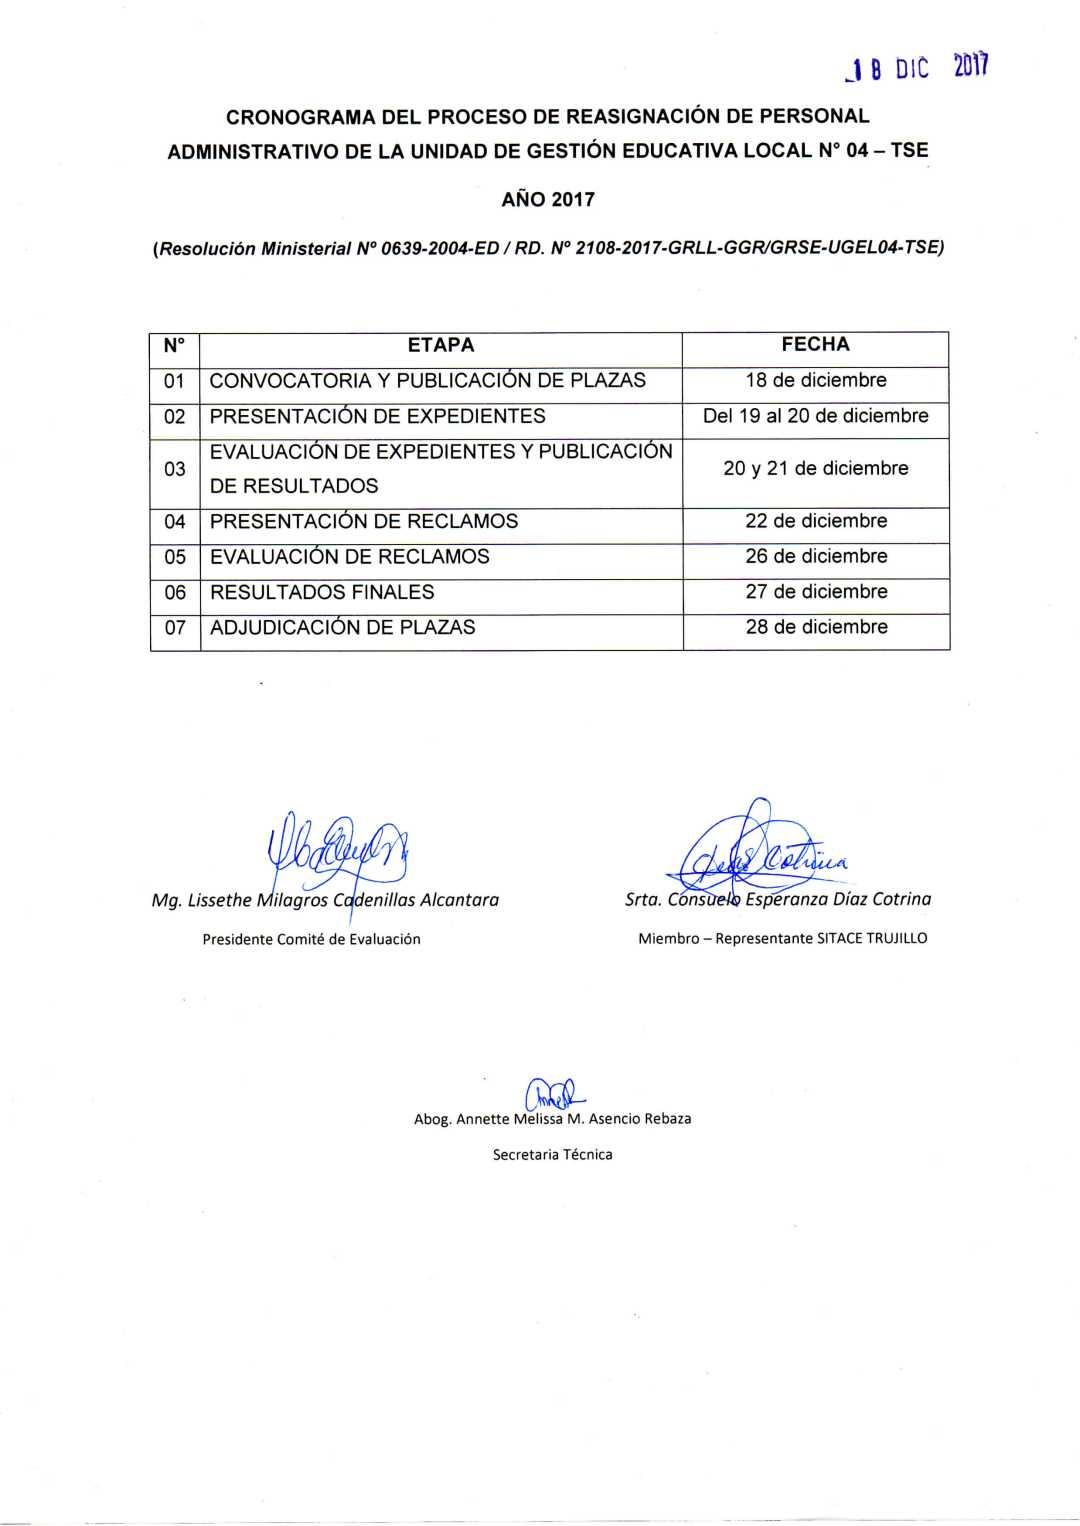 CRONOGRAMA DEL PROCESO DE REASIGNACIÓN DE PERSONAL ADMINISTRATIVO DE ...